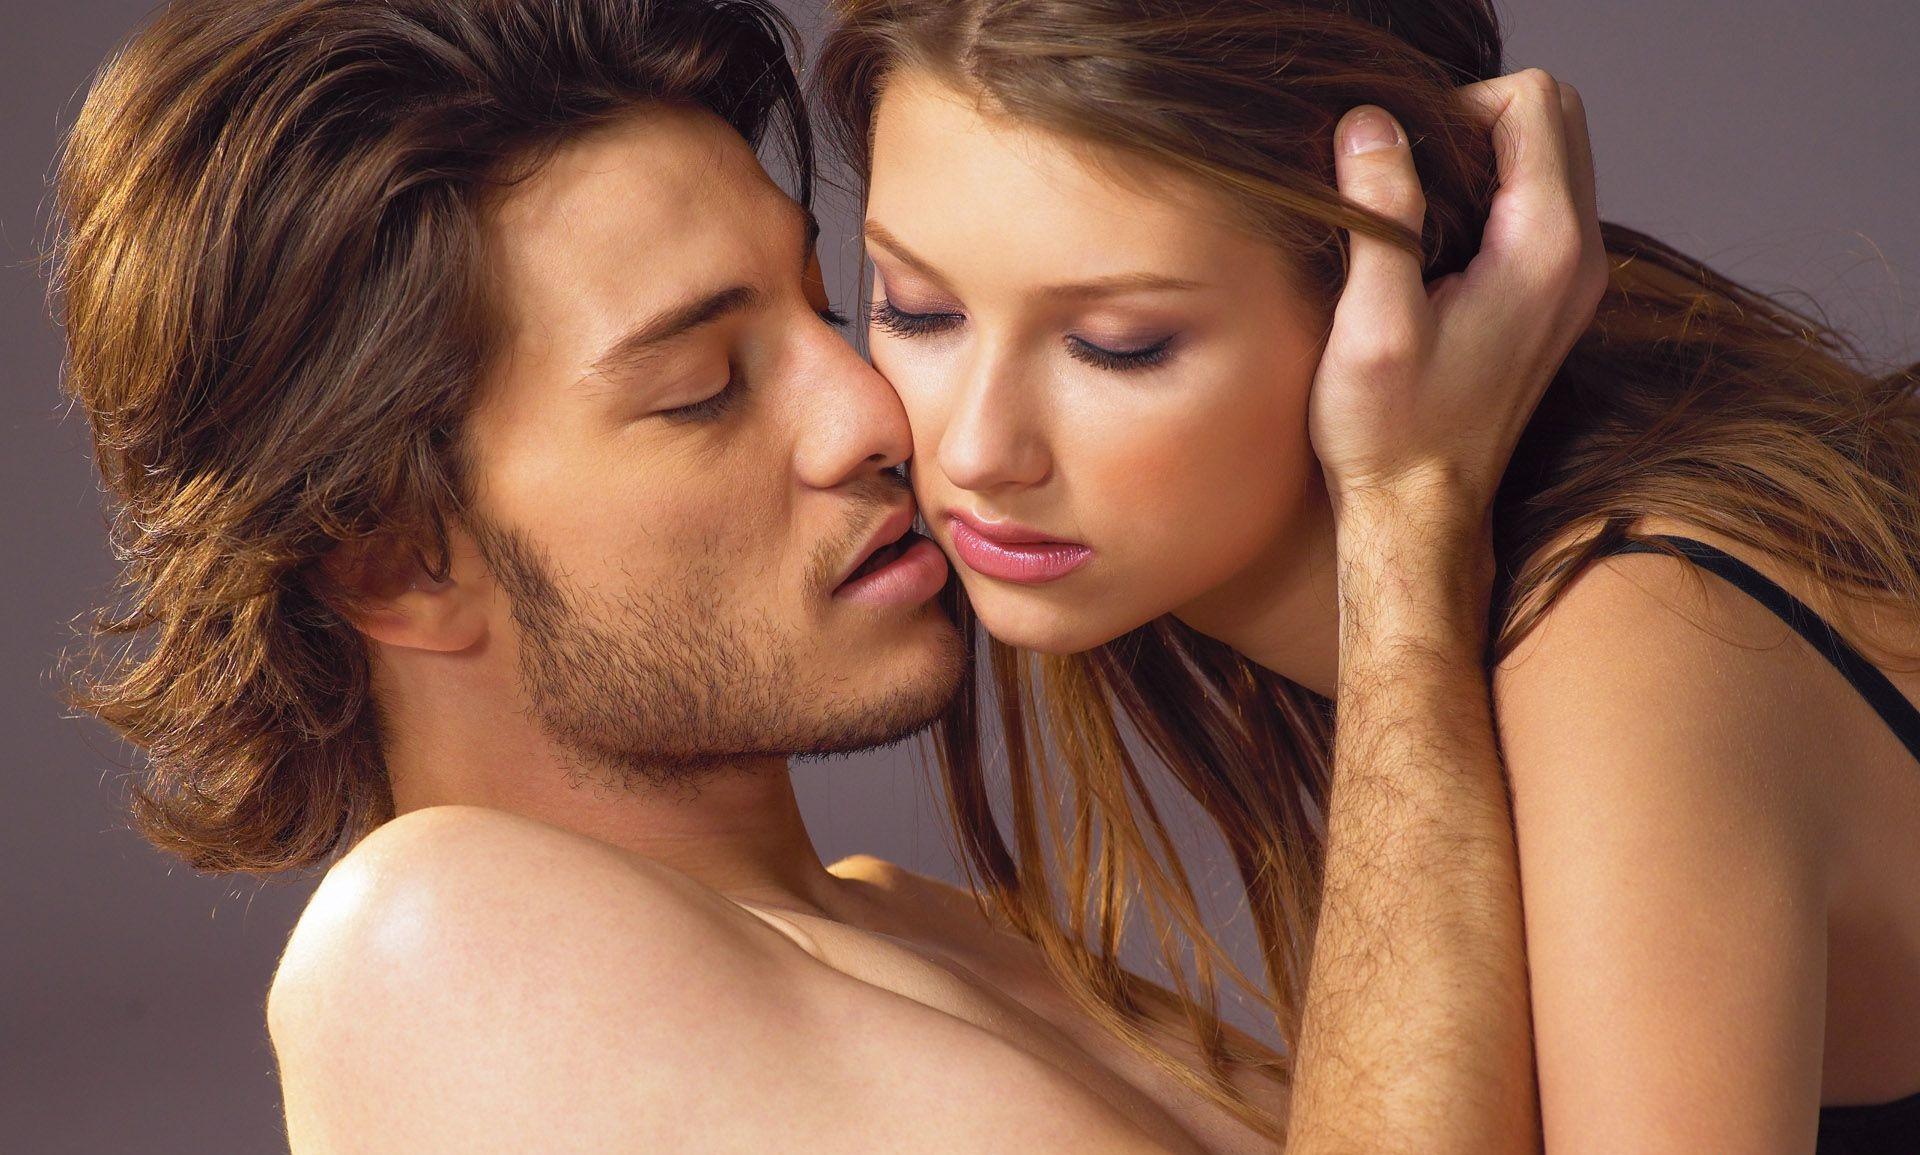 Секс мужчины и женшины фото 14 фотография